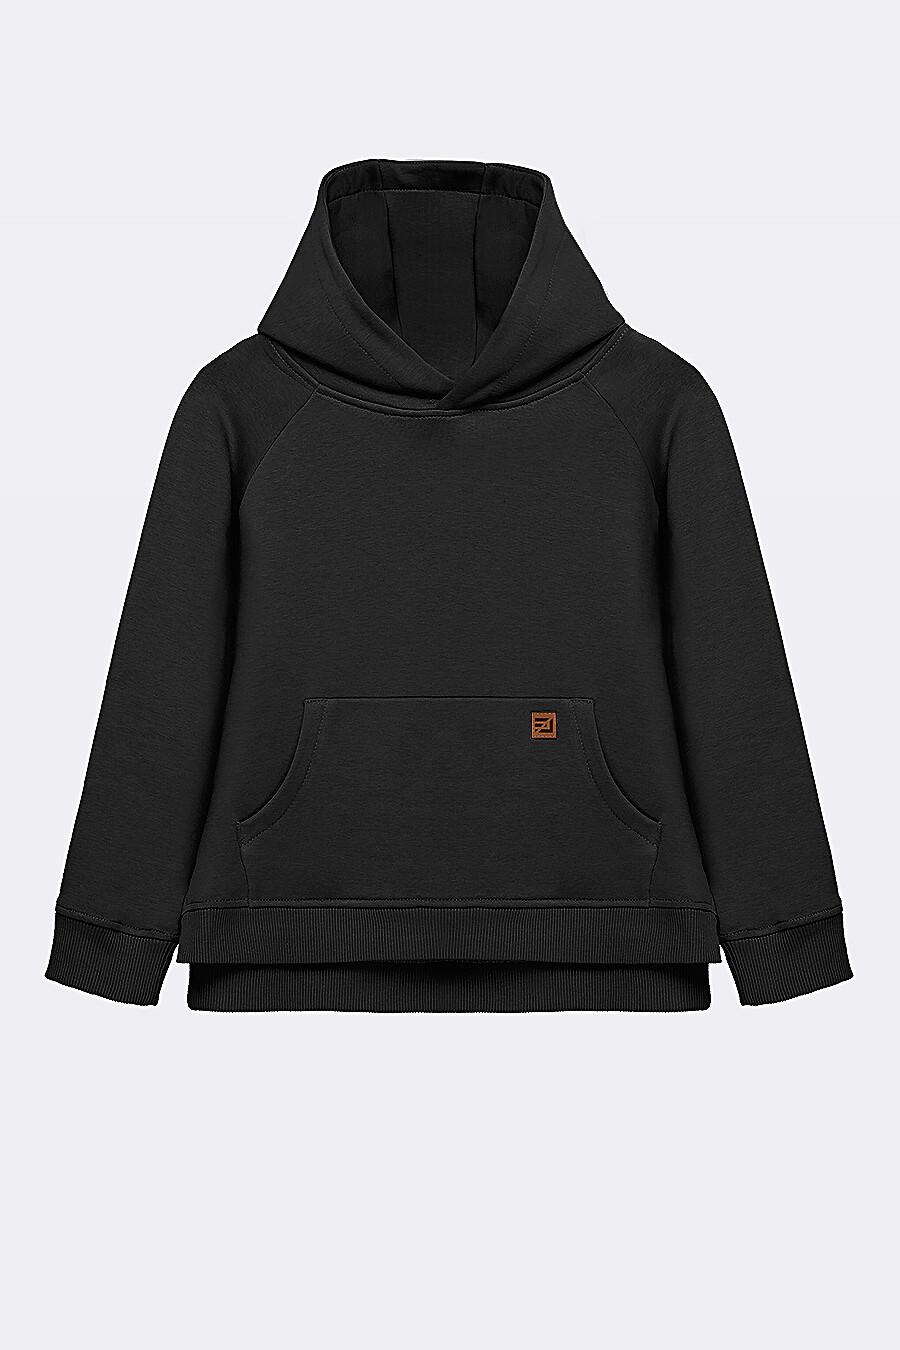 Костюм(Худи+Брюки) для мальчиков EZANNA 682552 купить оптом от производителя. Совместная покупка детской одежды в OptMoyo